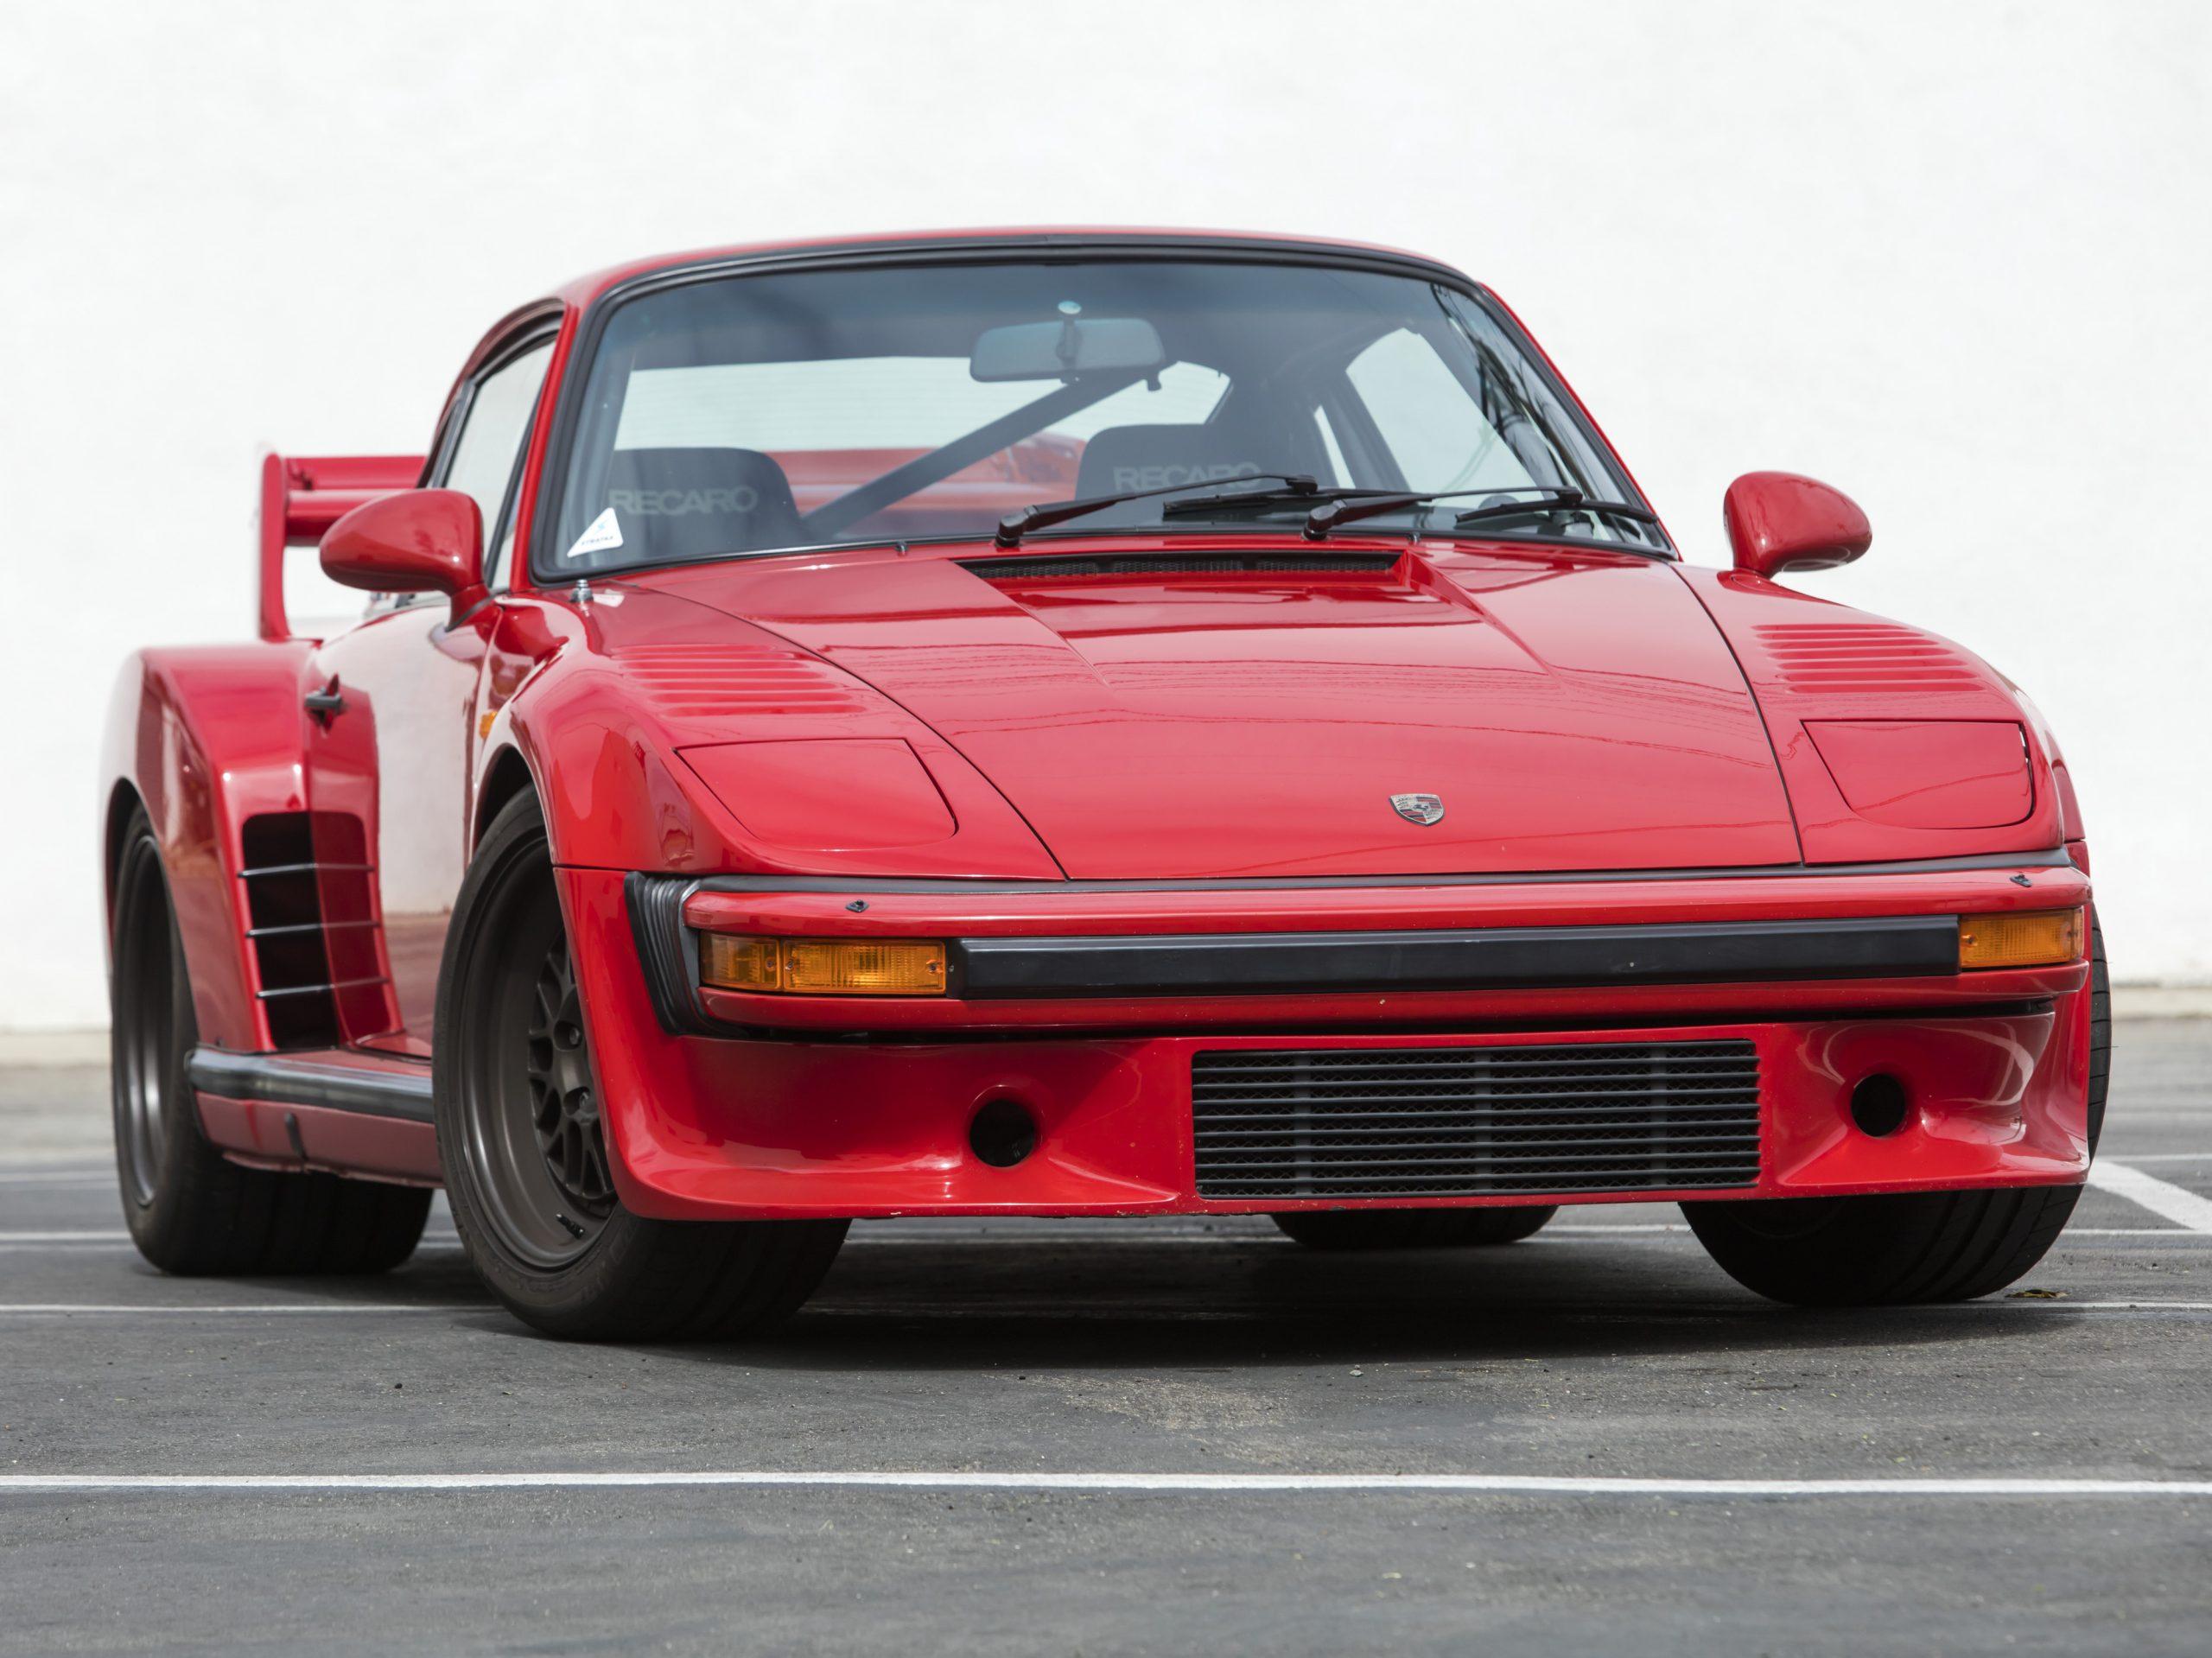 1985 Porsche RSR Ruf